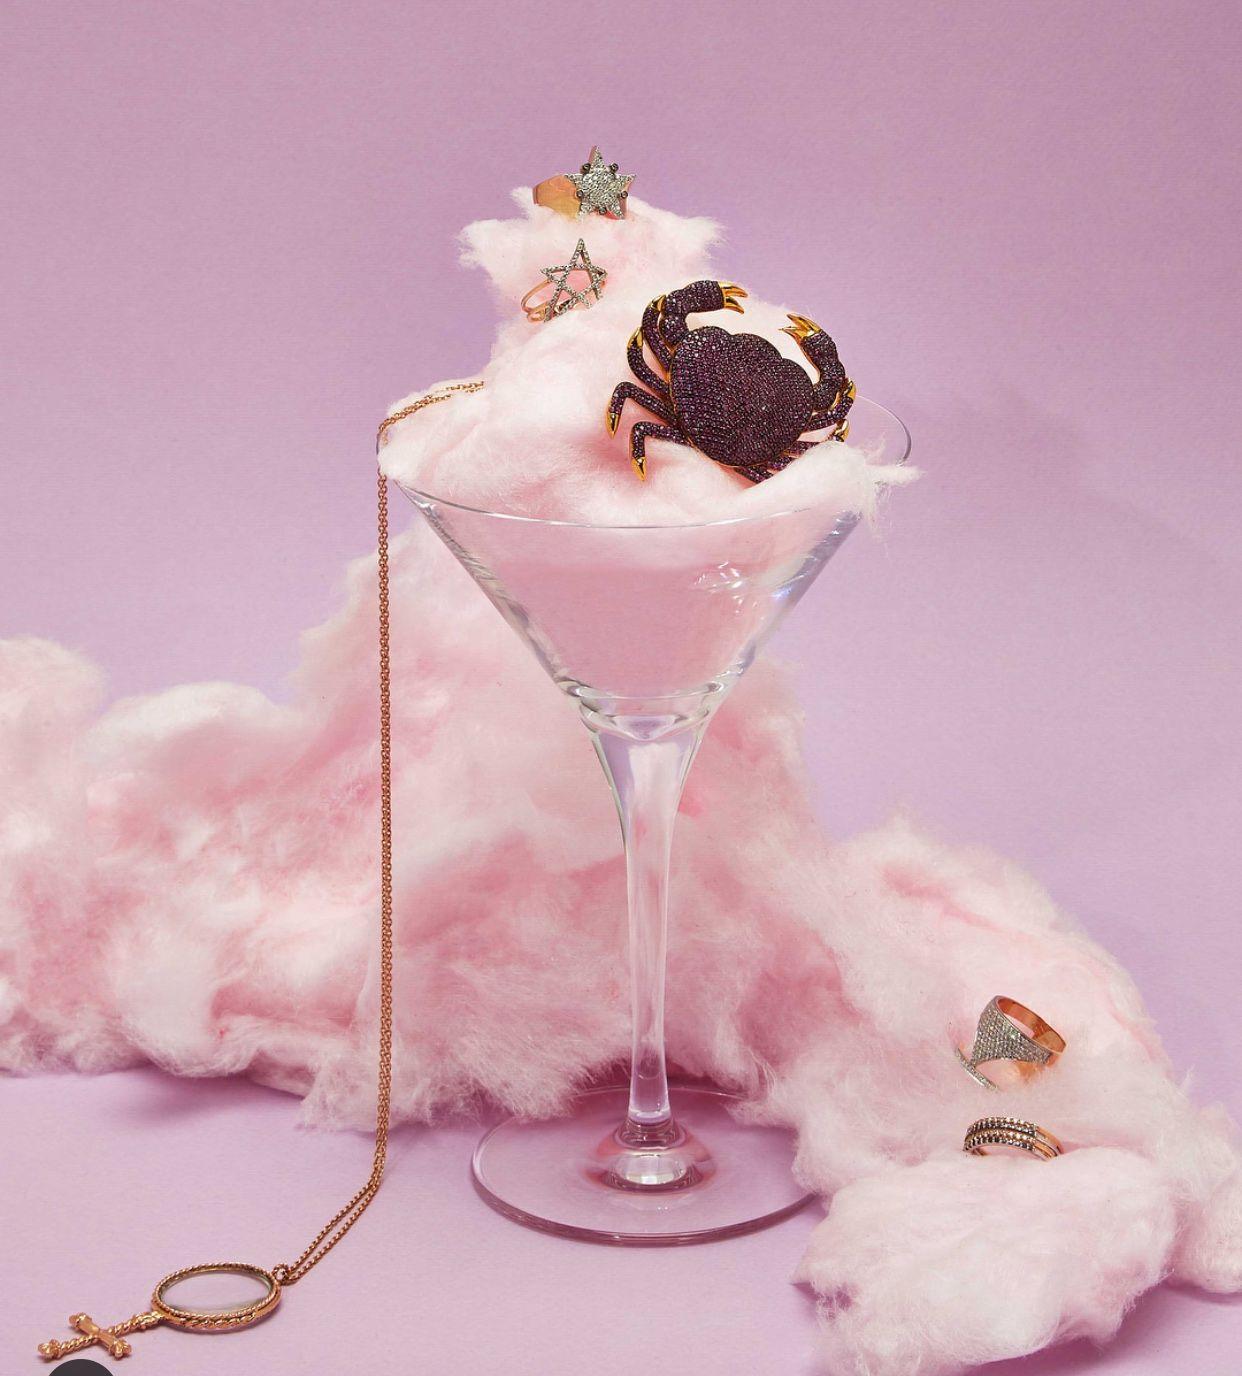 Pin By Cecily Bochannek On Pink: Sieraden Fotografie